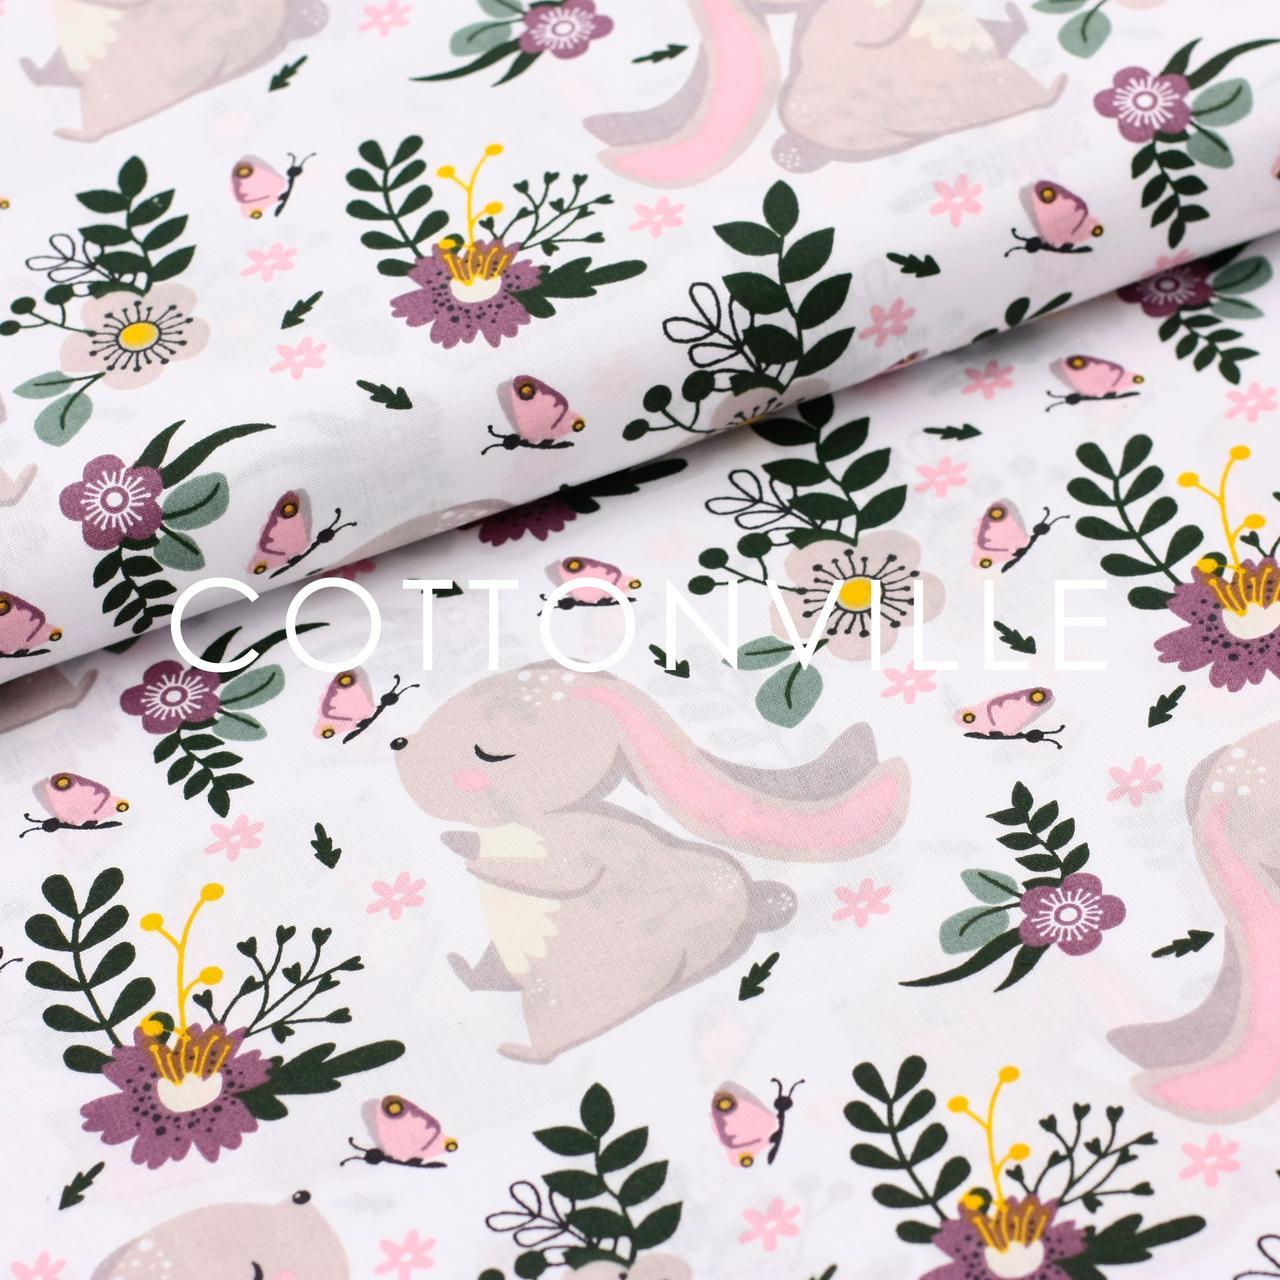 ✁ Відрізи Бавовняної тканини Зайчика, метелики, квіти